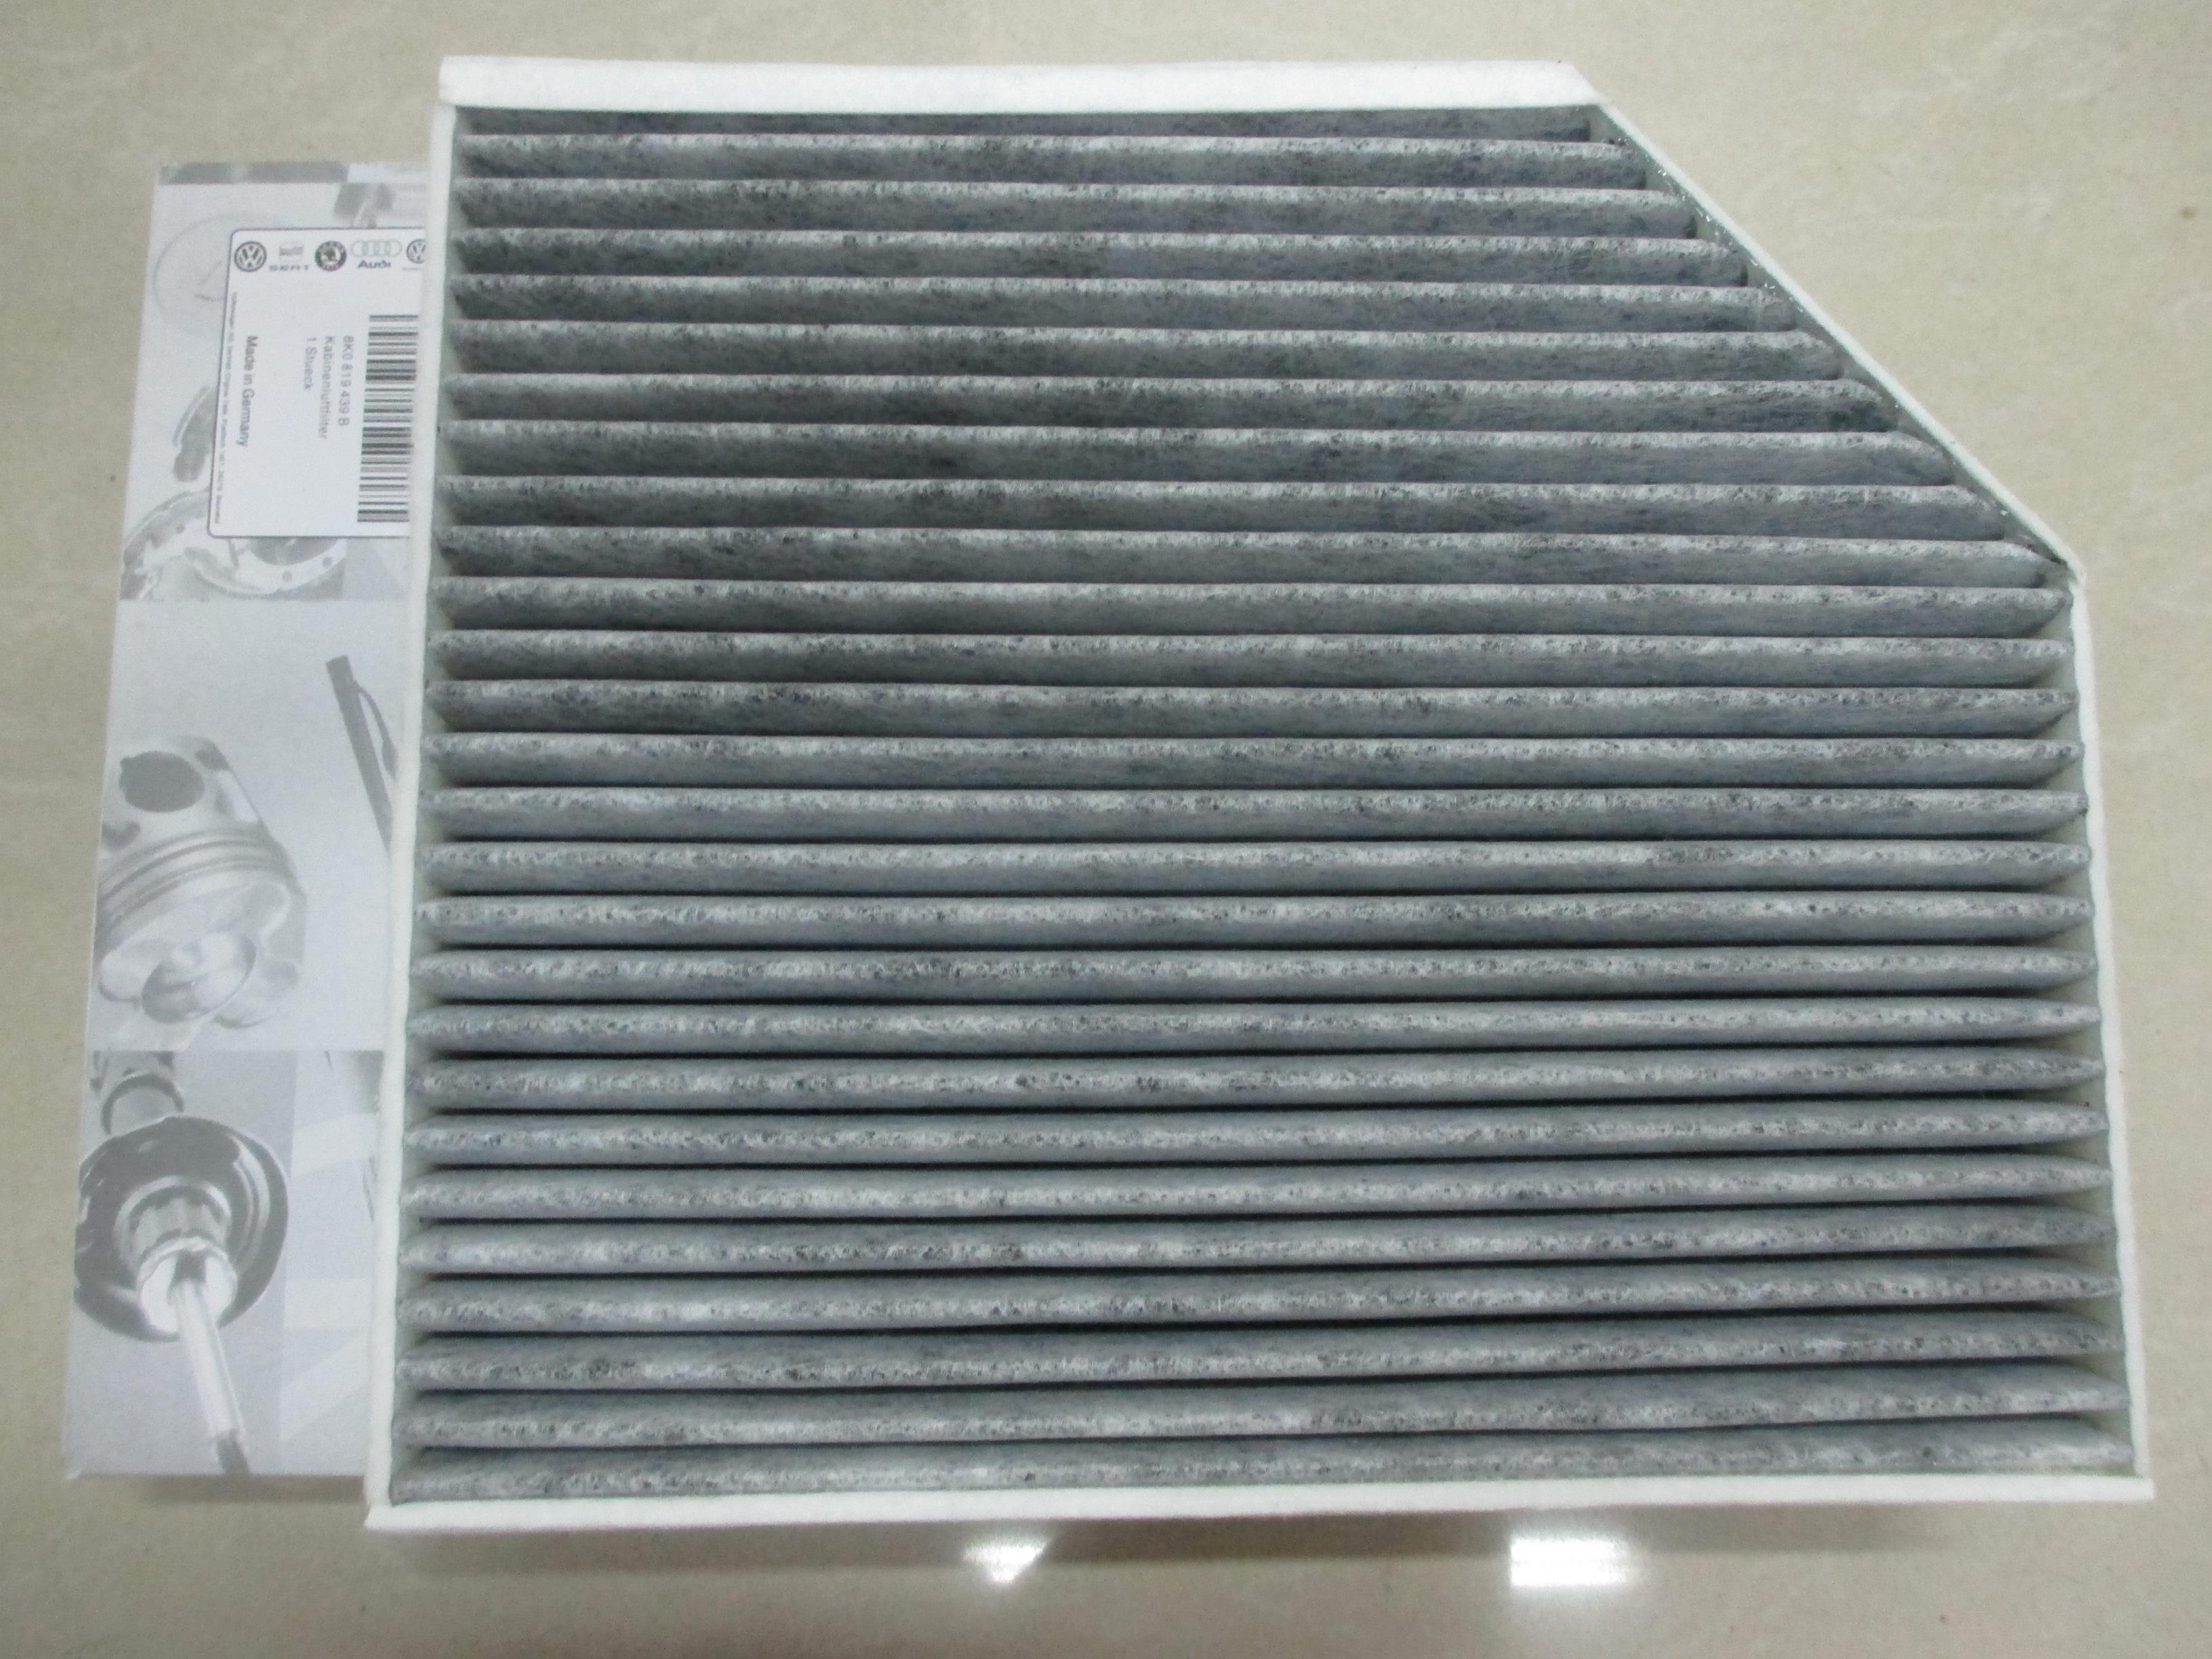 Салонные фильтры Audi B8 A4L Q5 A5 audi a4l a5 q5 a4l 2 0t фильтр фильтры воздушные автомобильные кондиционер фильтр обслуживания аксессуары